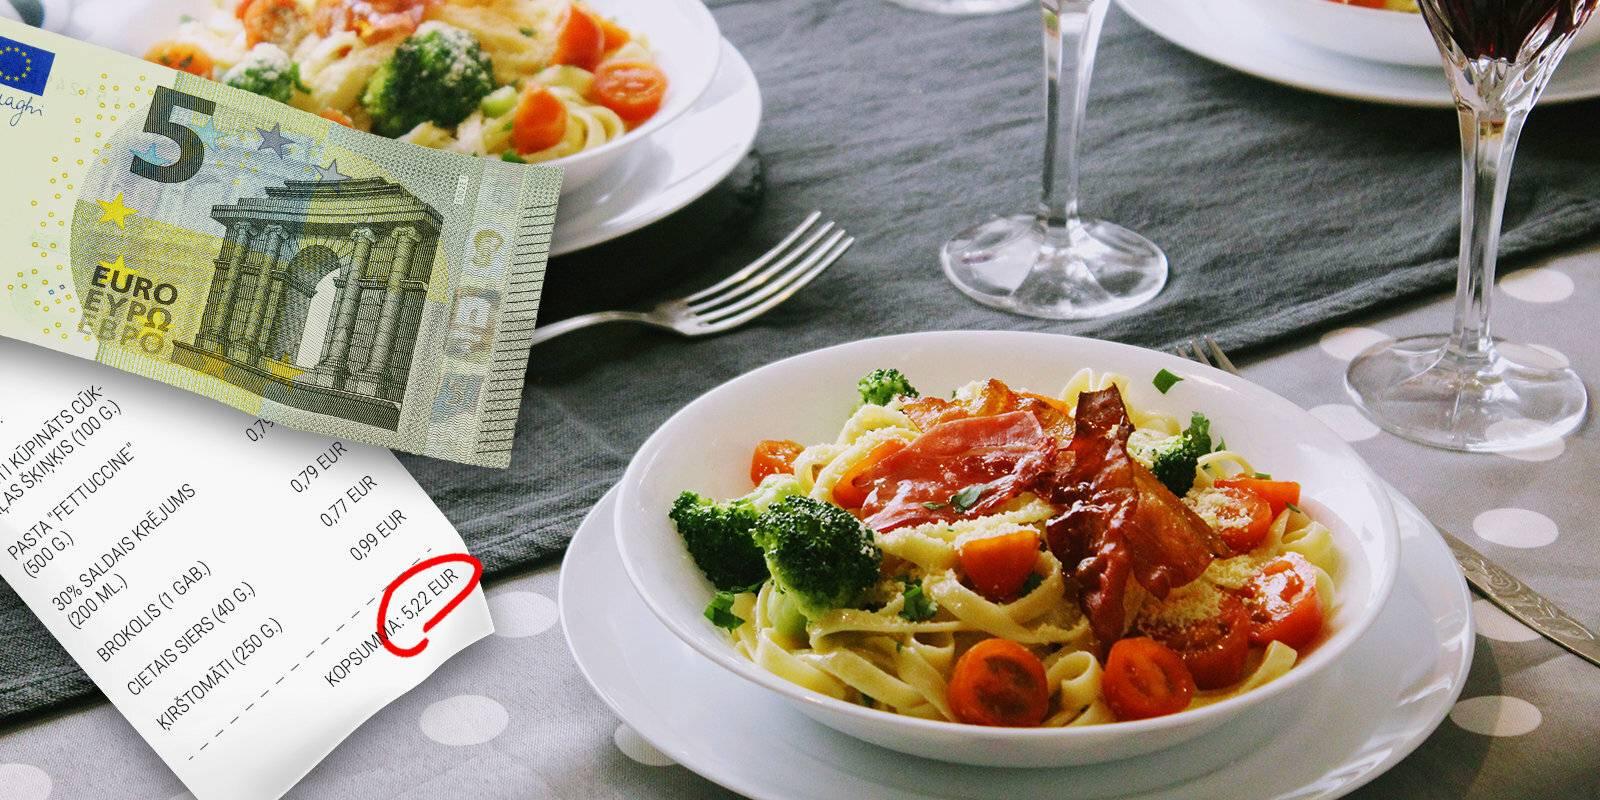 Паста пенне - сытный и вкусный ужин по-итальянски